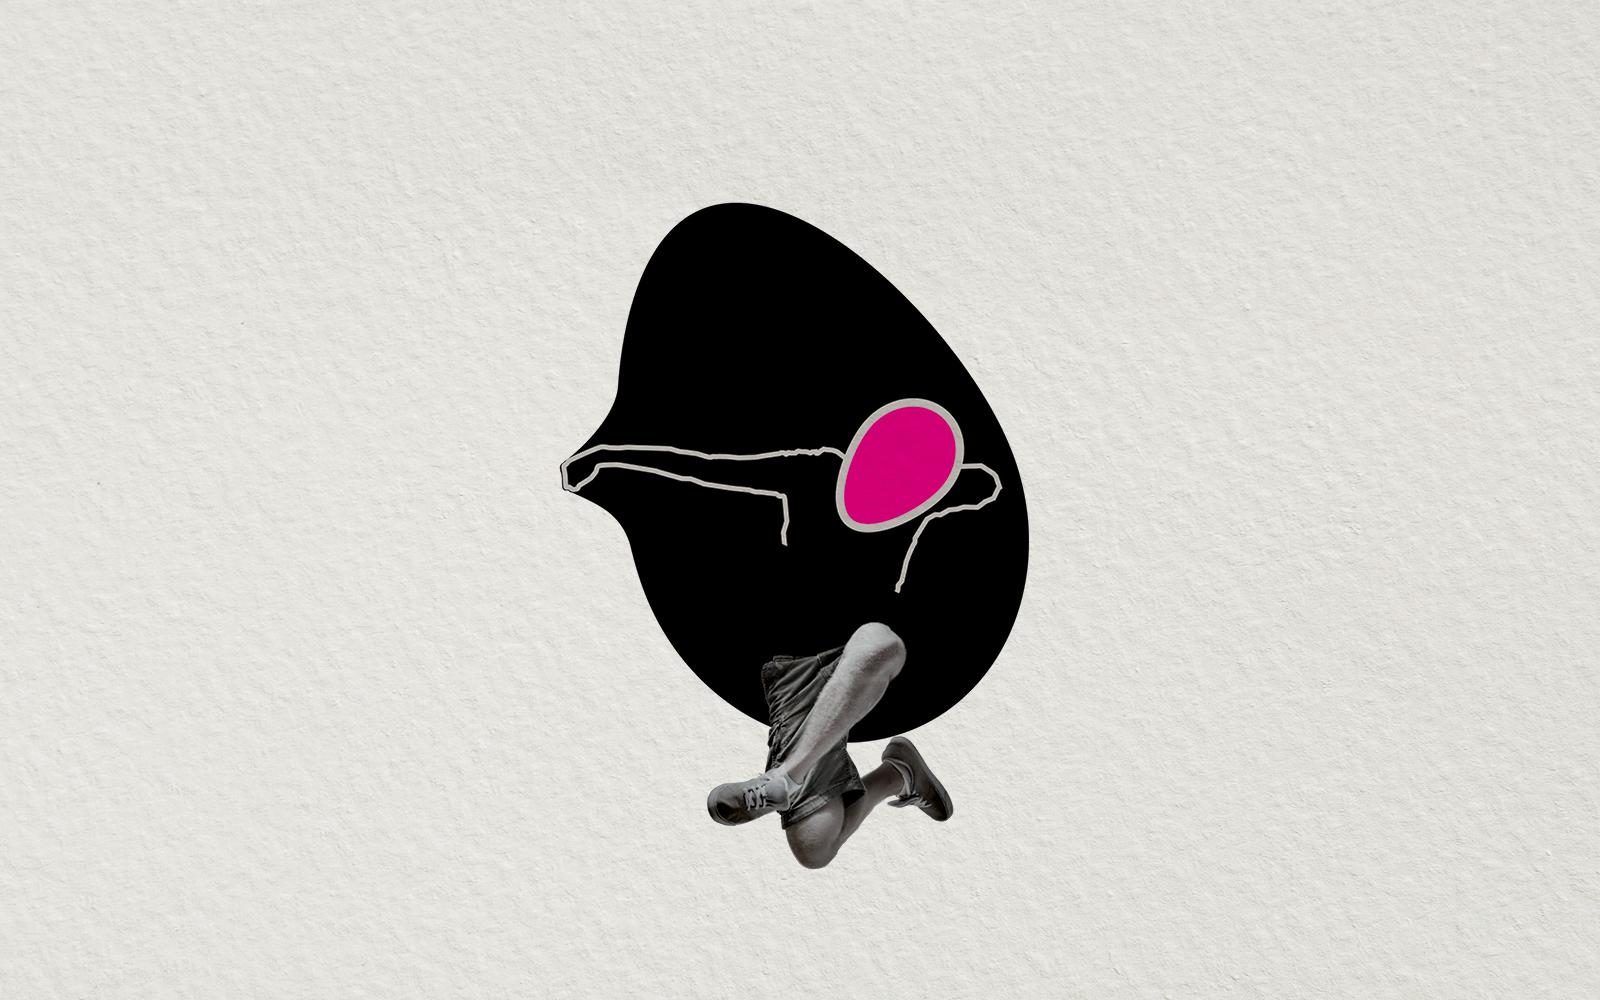 progetto del marchio per la rassegna First step 9 di Accademia belle arti verona, ideato dallo studio grafico Diade, vincitore del contest